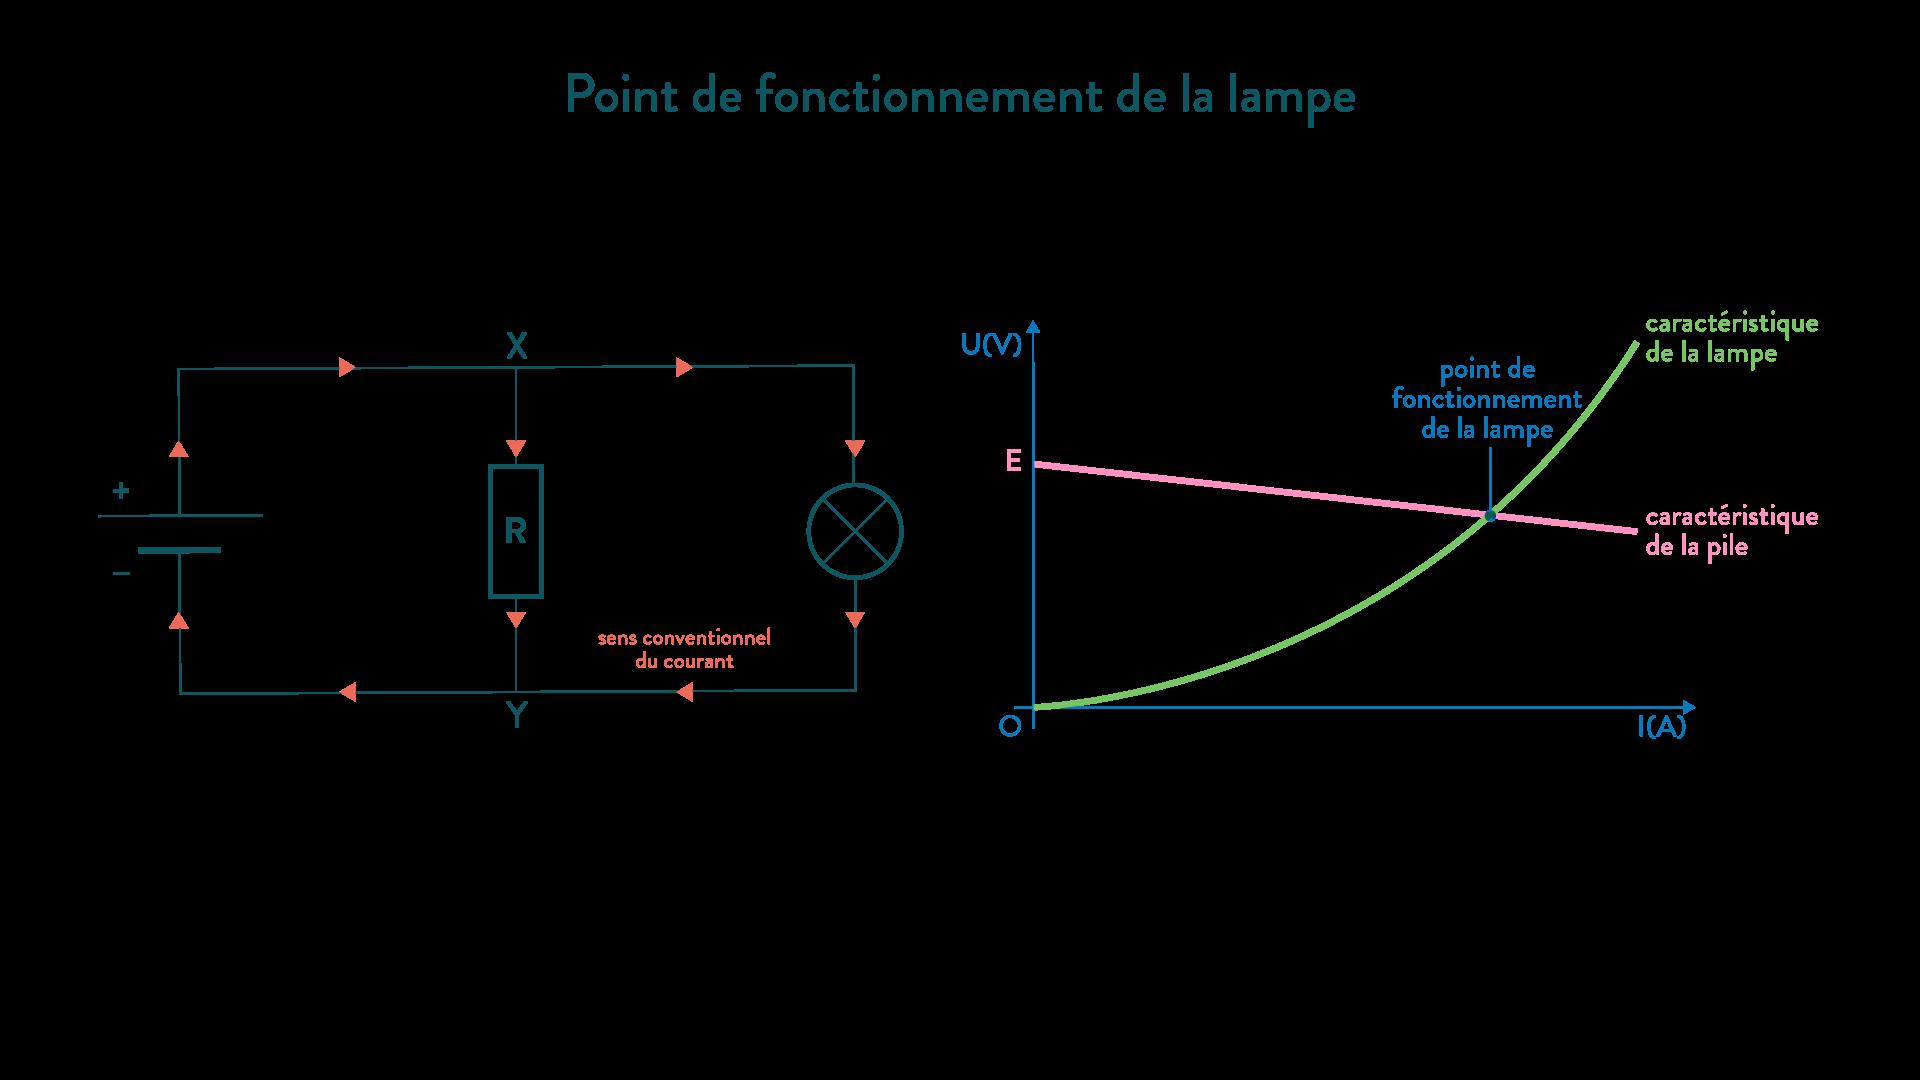 Point de fonctionnement d'une lampe